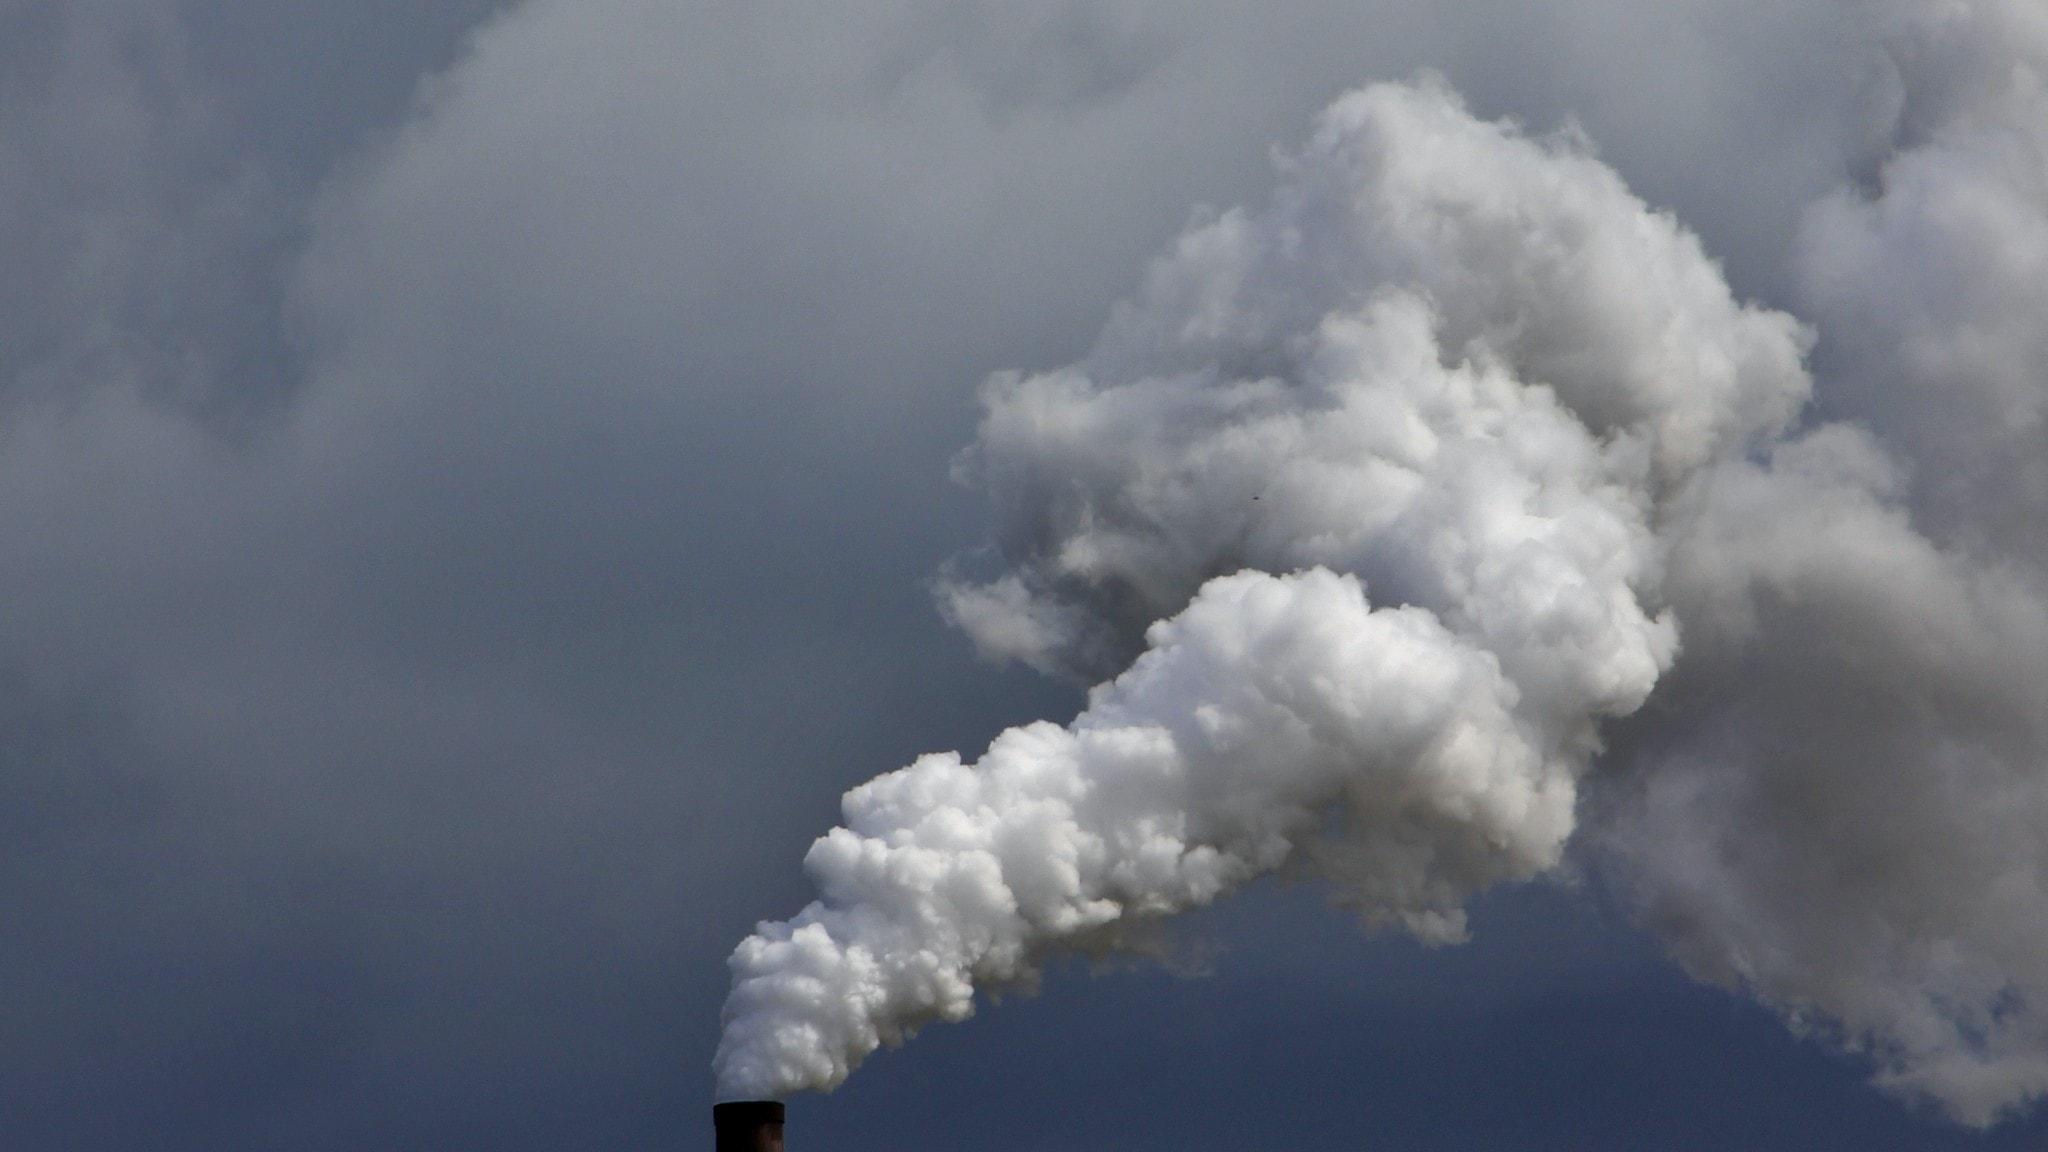 Växthusgaser, ett minne blott efter en rättvis omställning?